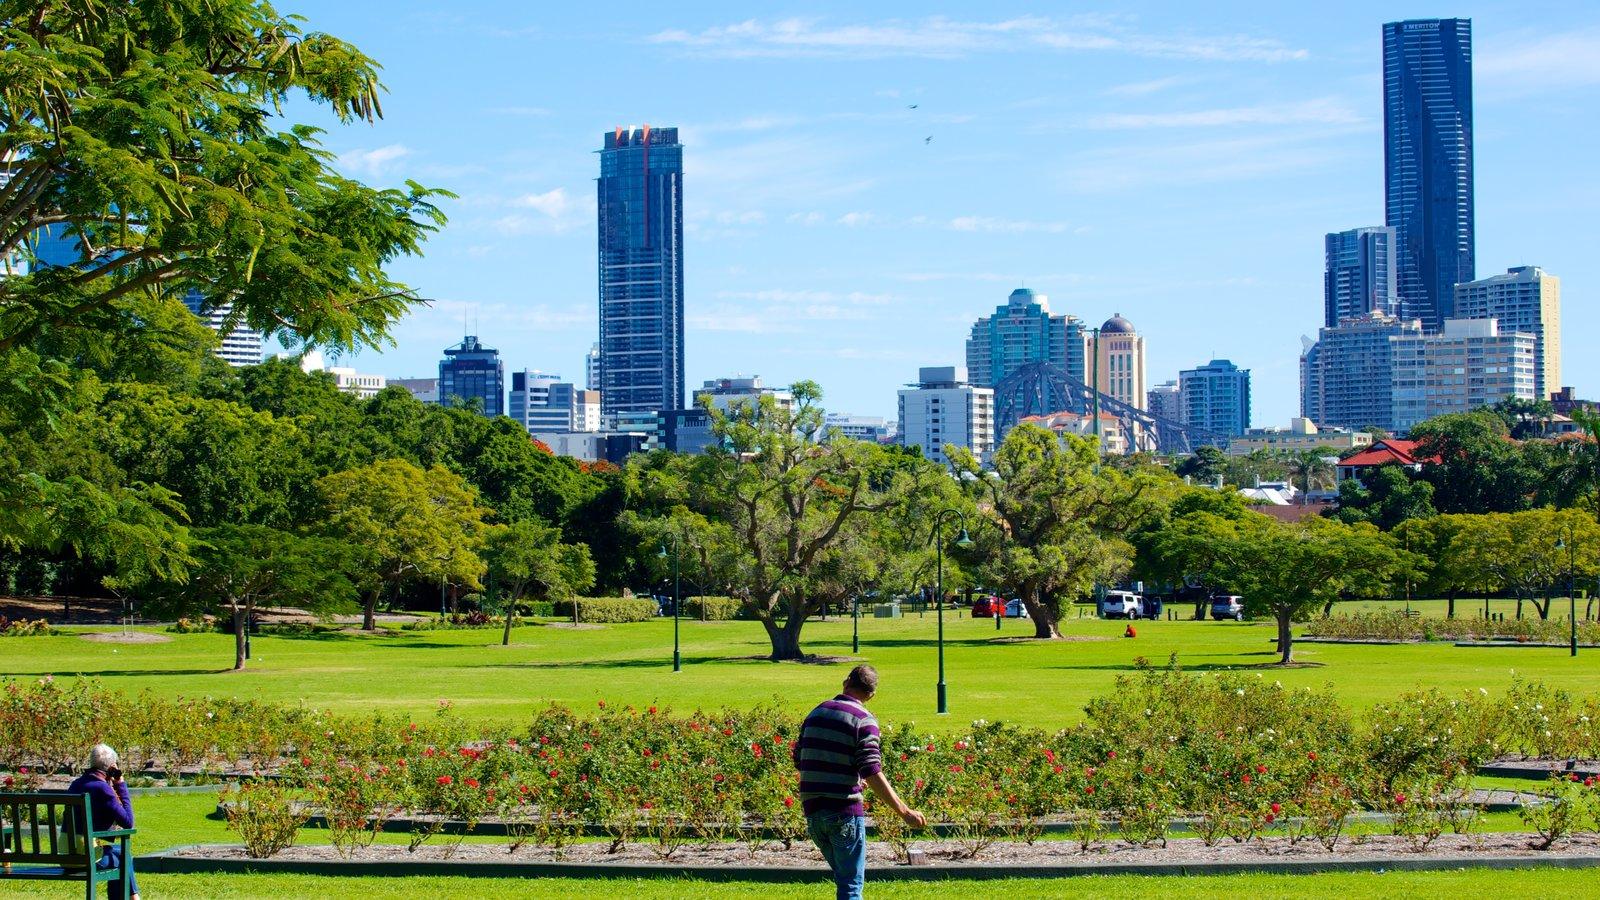 New Farm Park showing a park, landscape views and a high rise building